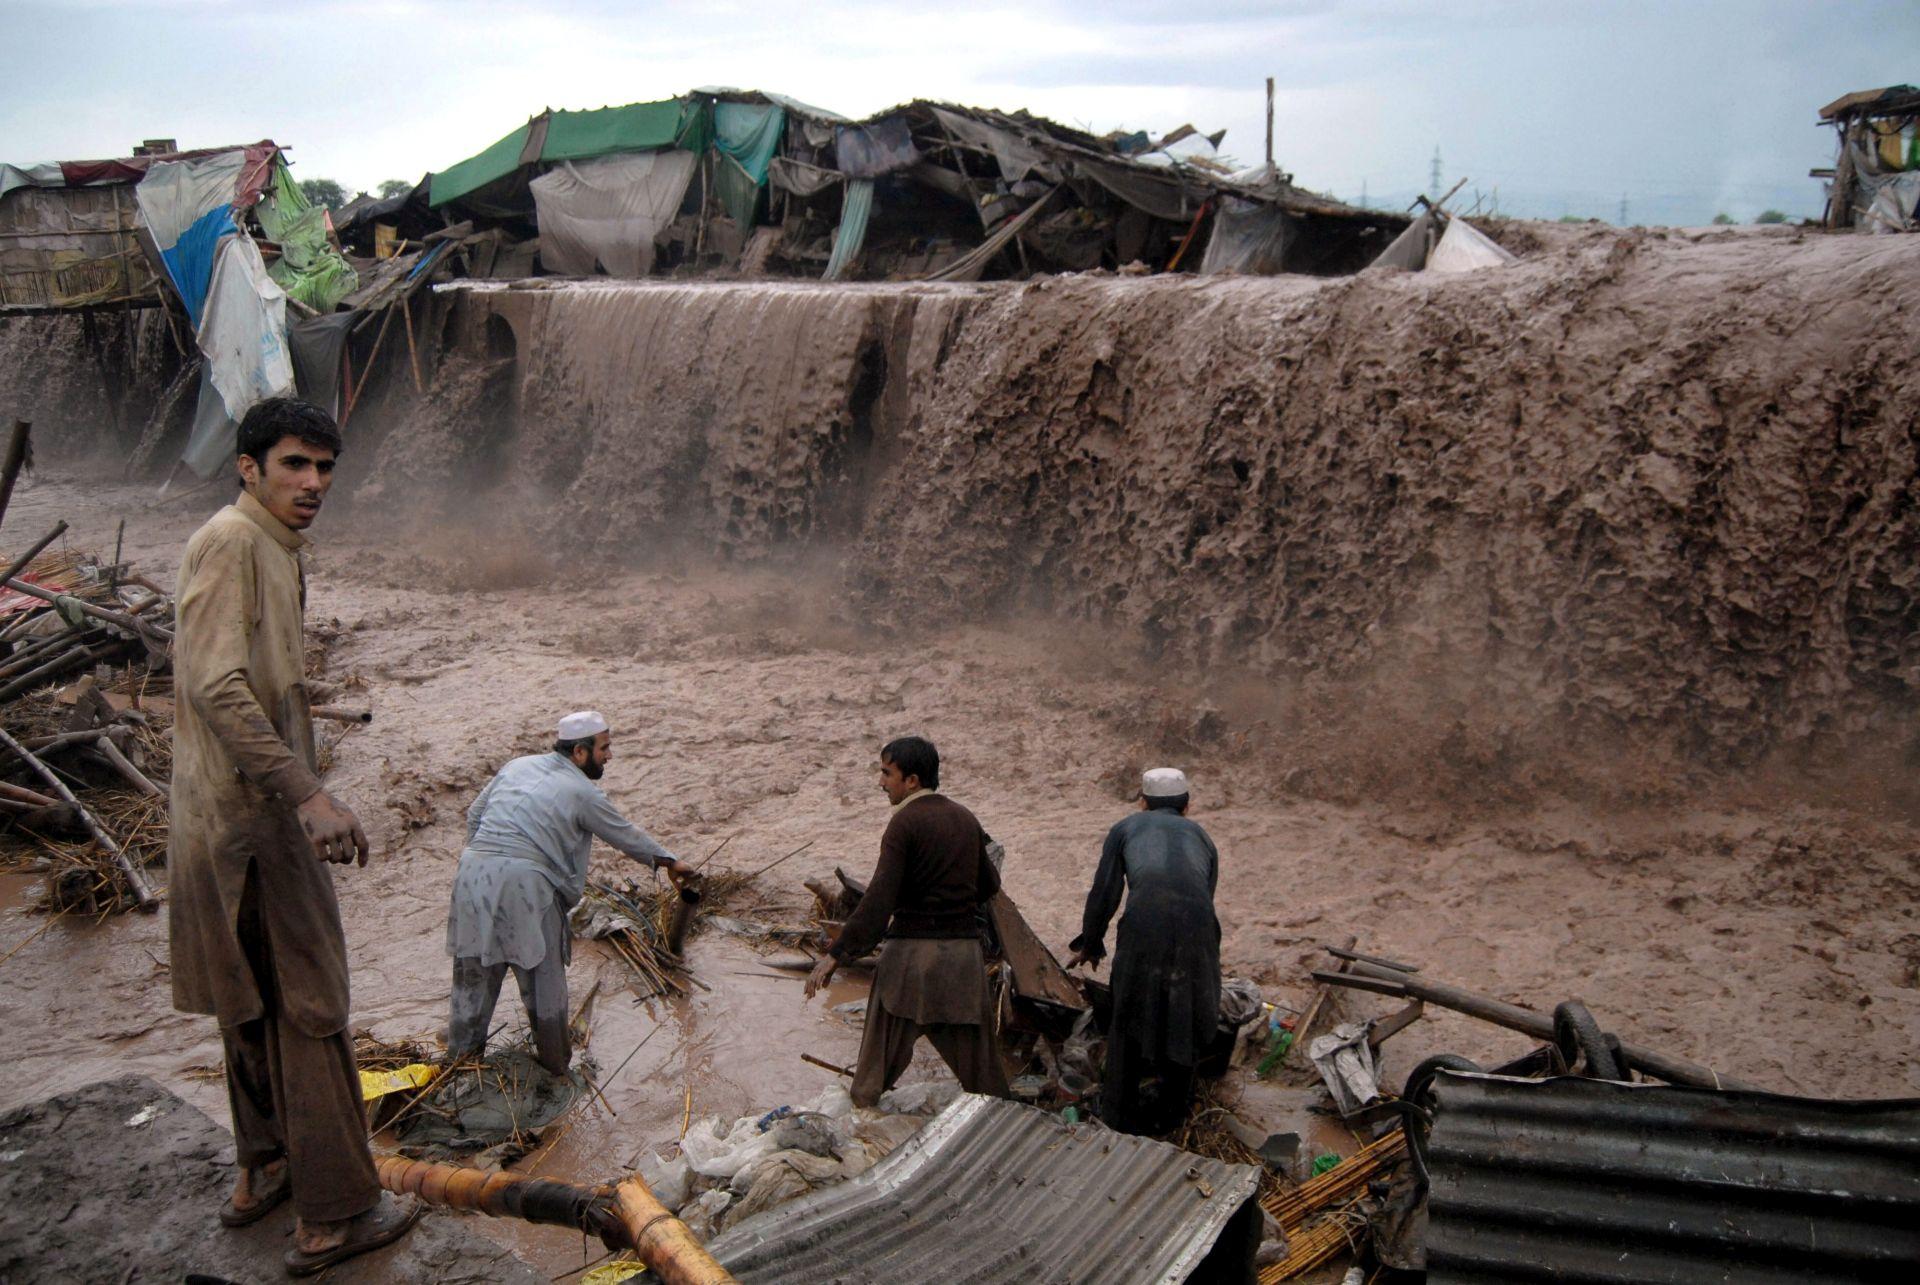 ODRONI ZBOG KIŠE: U Pakistanu 36 mrtvih, 27 ozlijeđeno